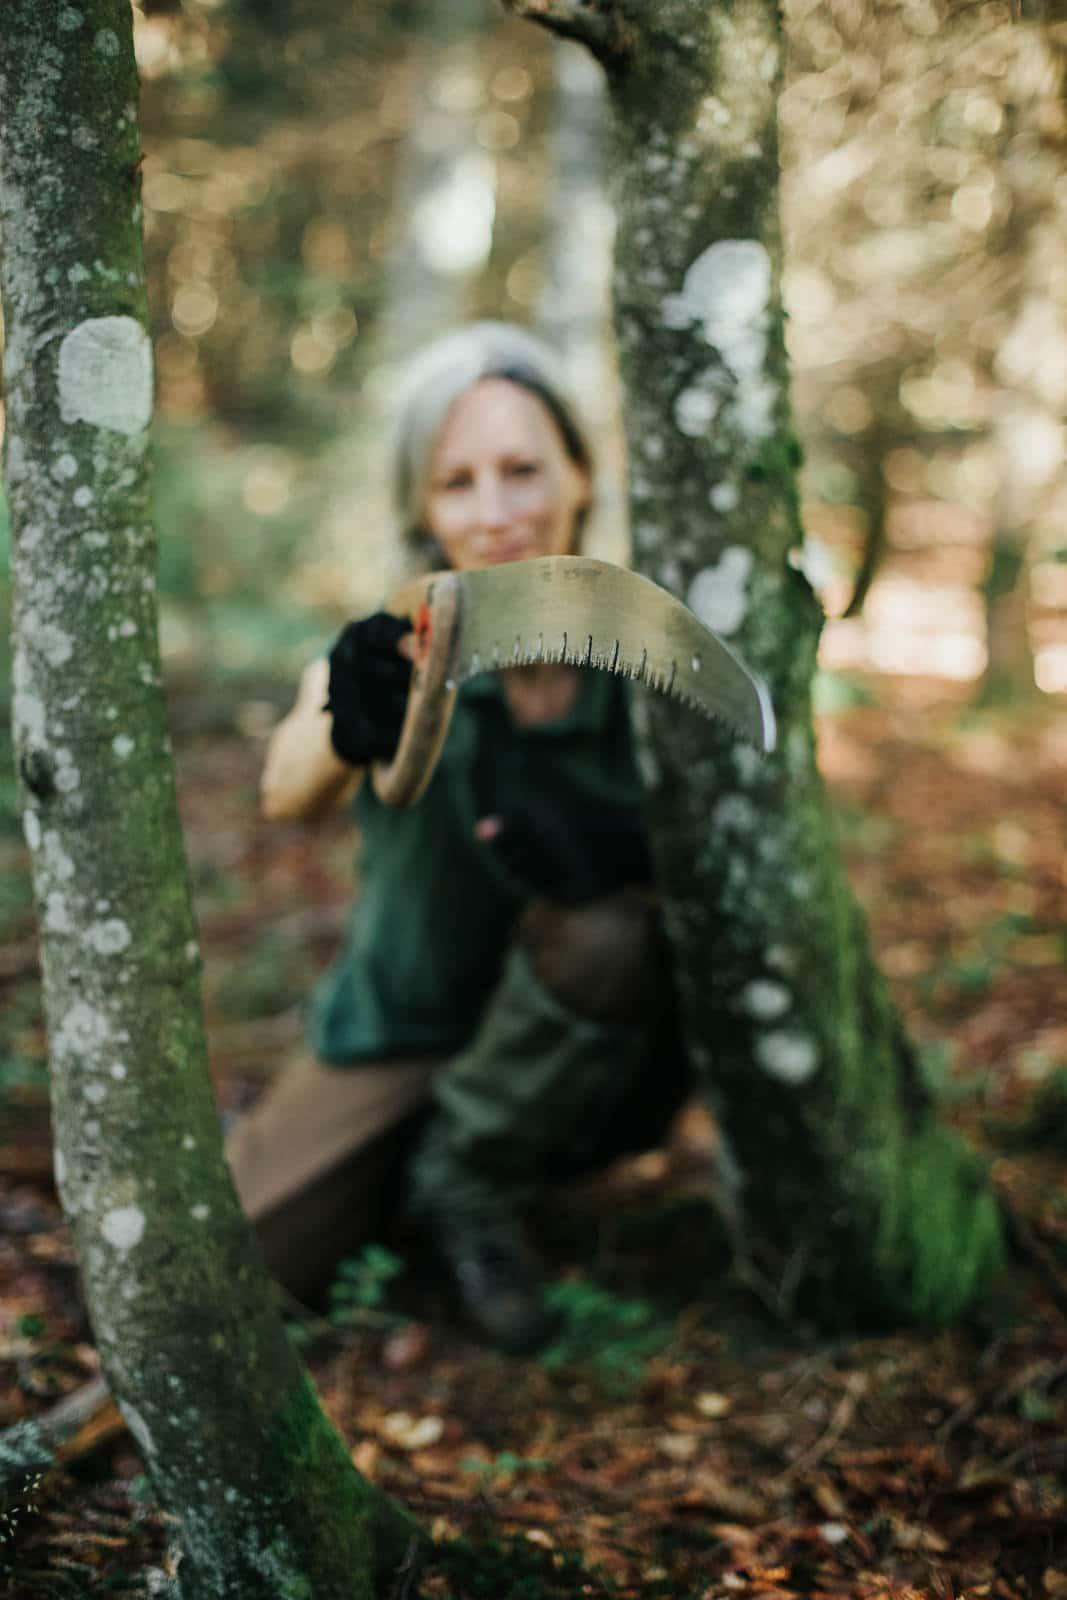 Frau zeigt Baumsäge in Kamera close